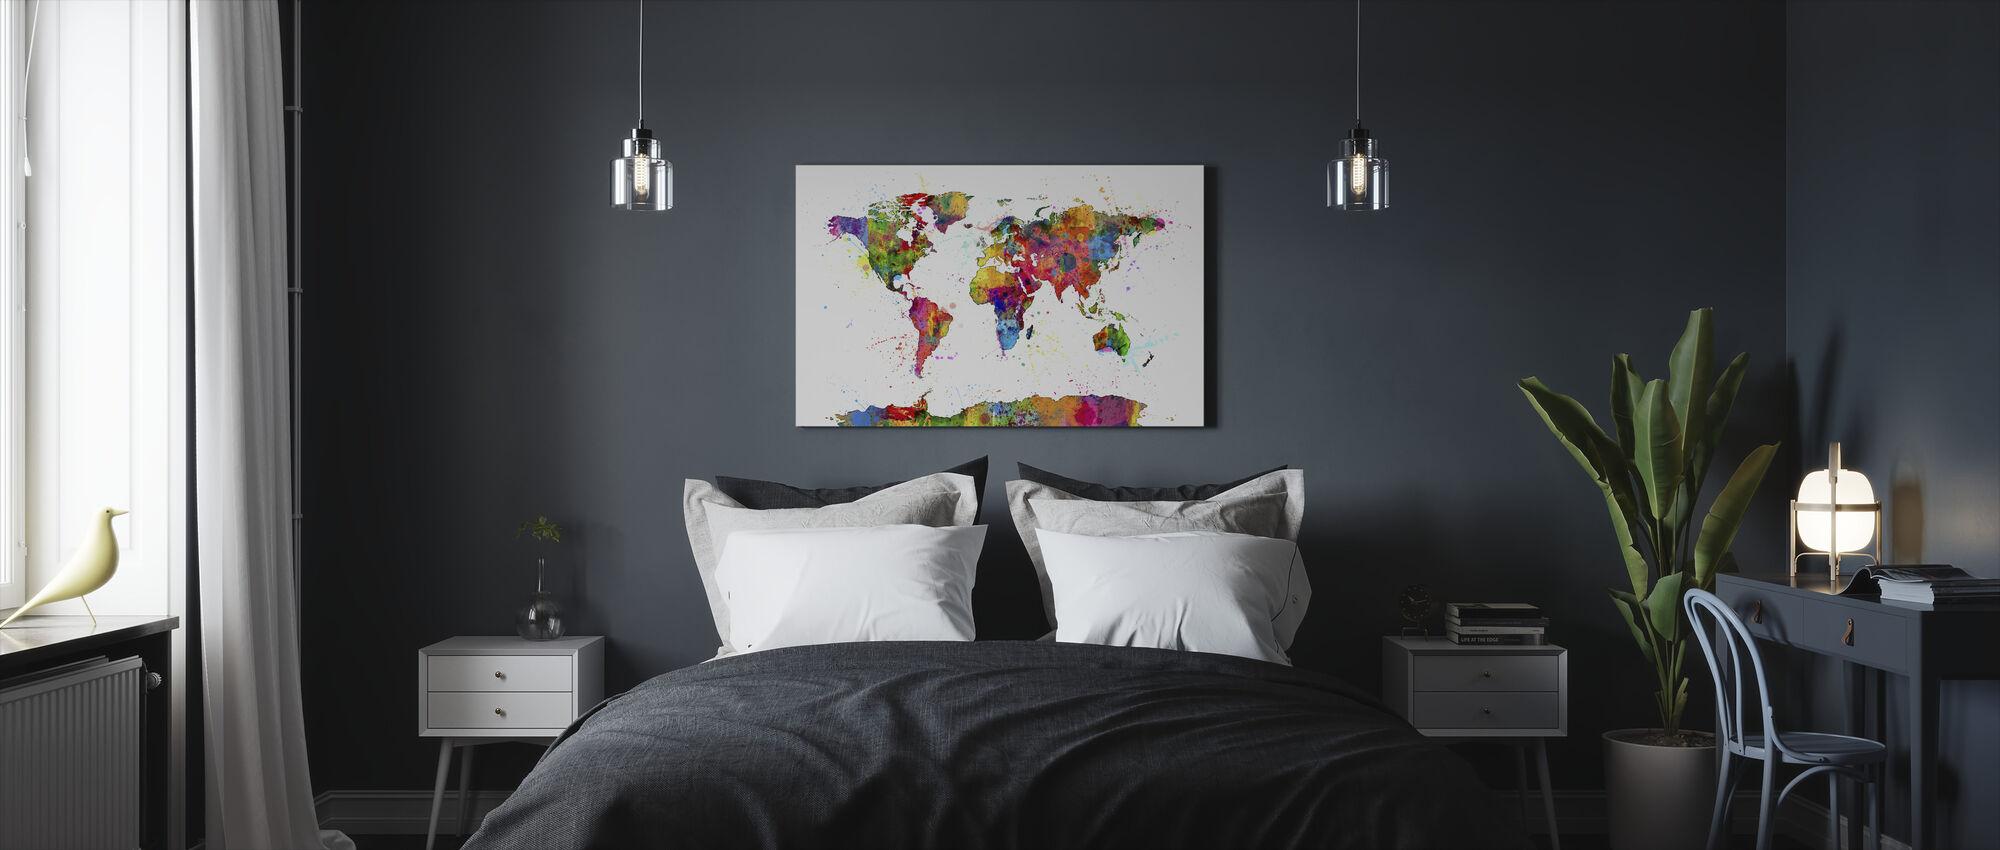 Spatten Map 2 schilderen - Canvas print - Slaapkamer